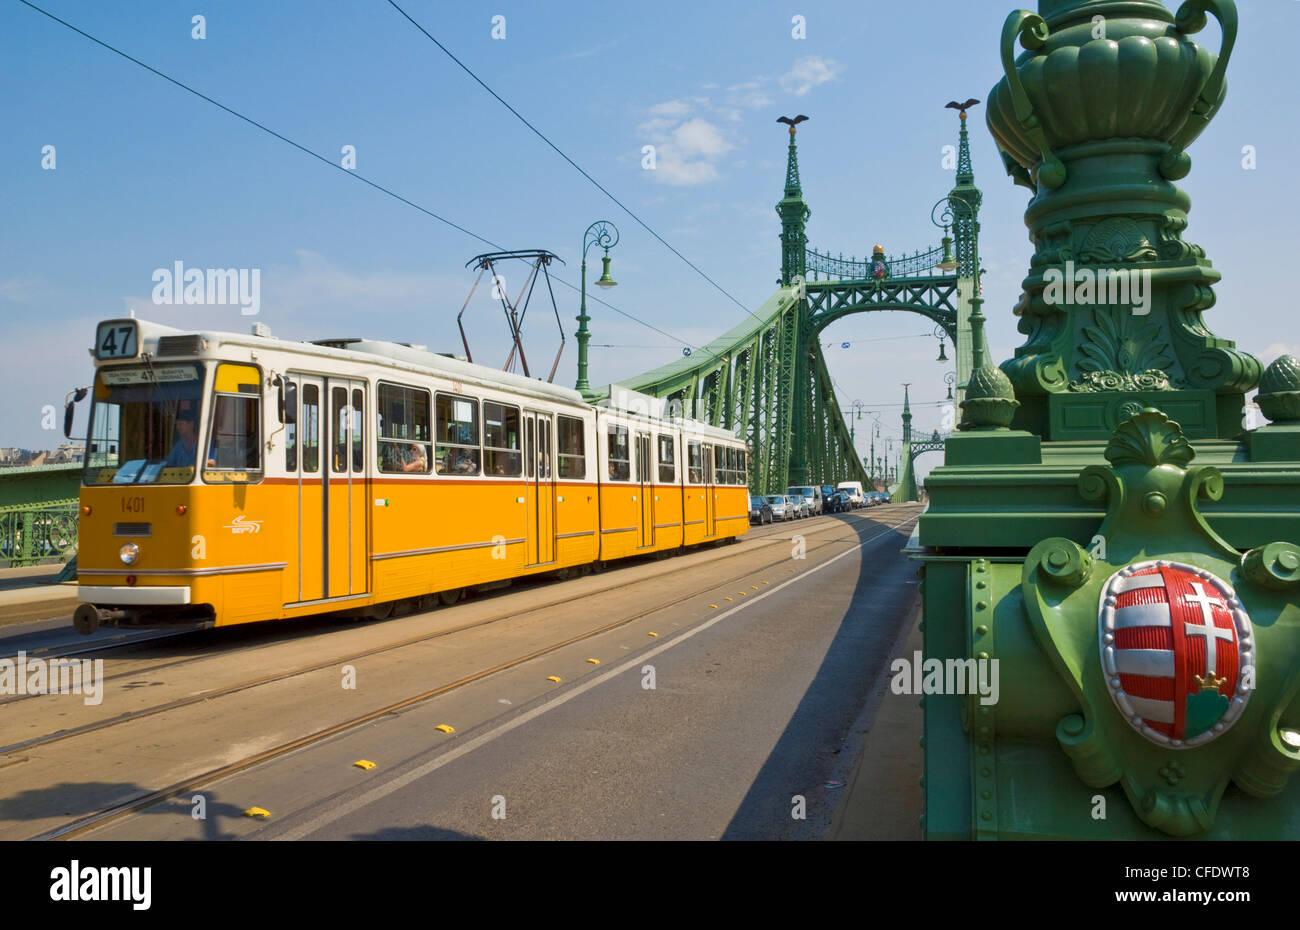 Gelbe Straßenbahn auf der Freiheitsbrücke (Szabadsag hid), über die Basie-Donau, Vamhaz körút Stockbild